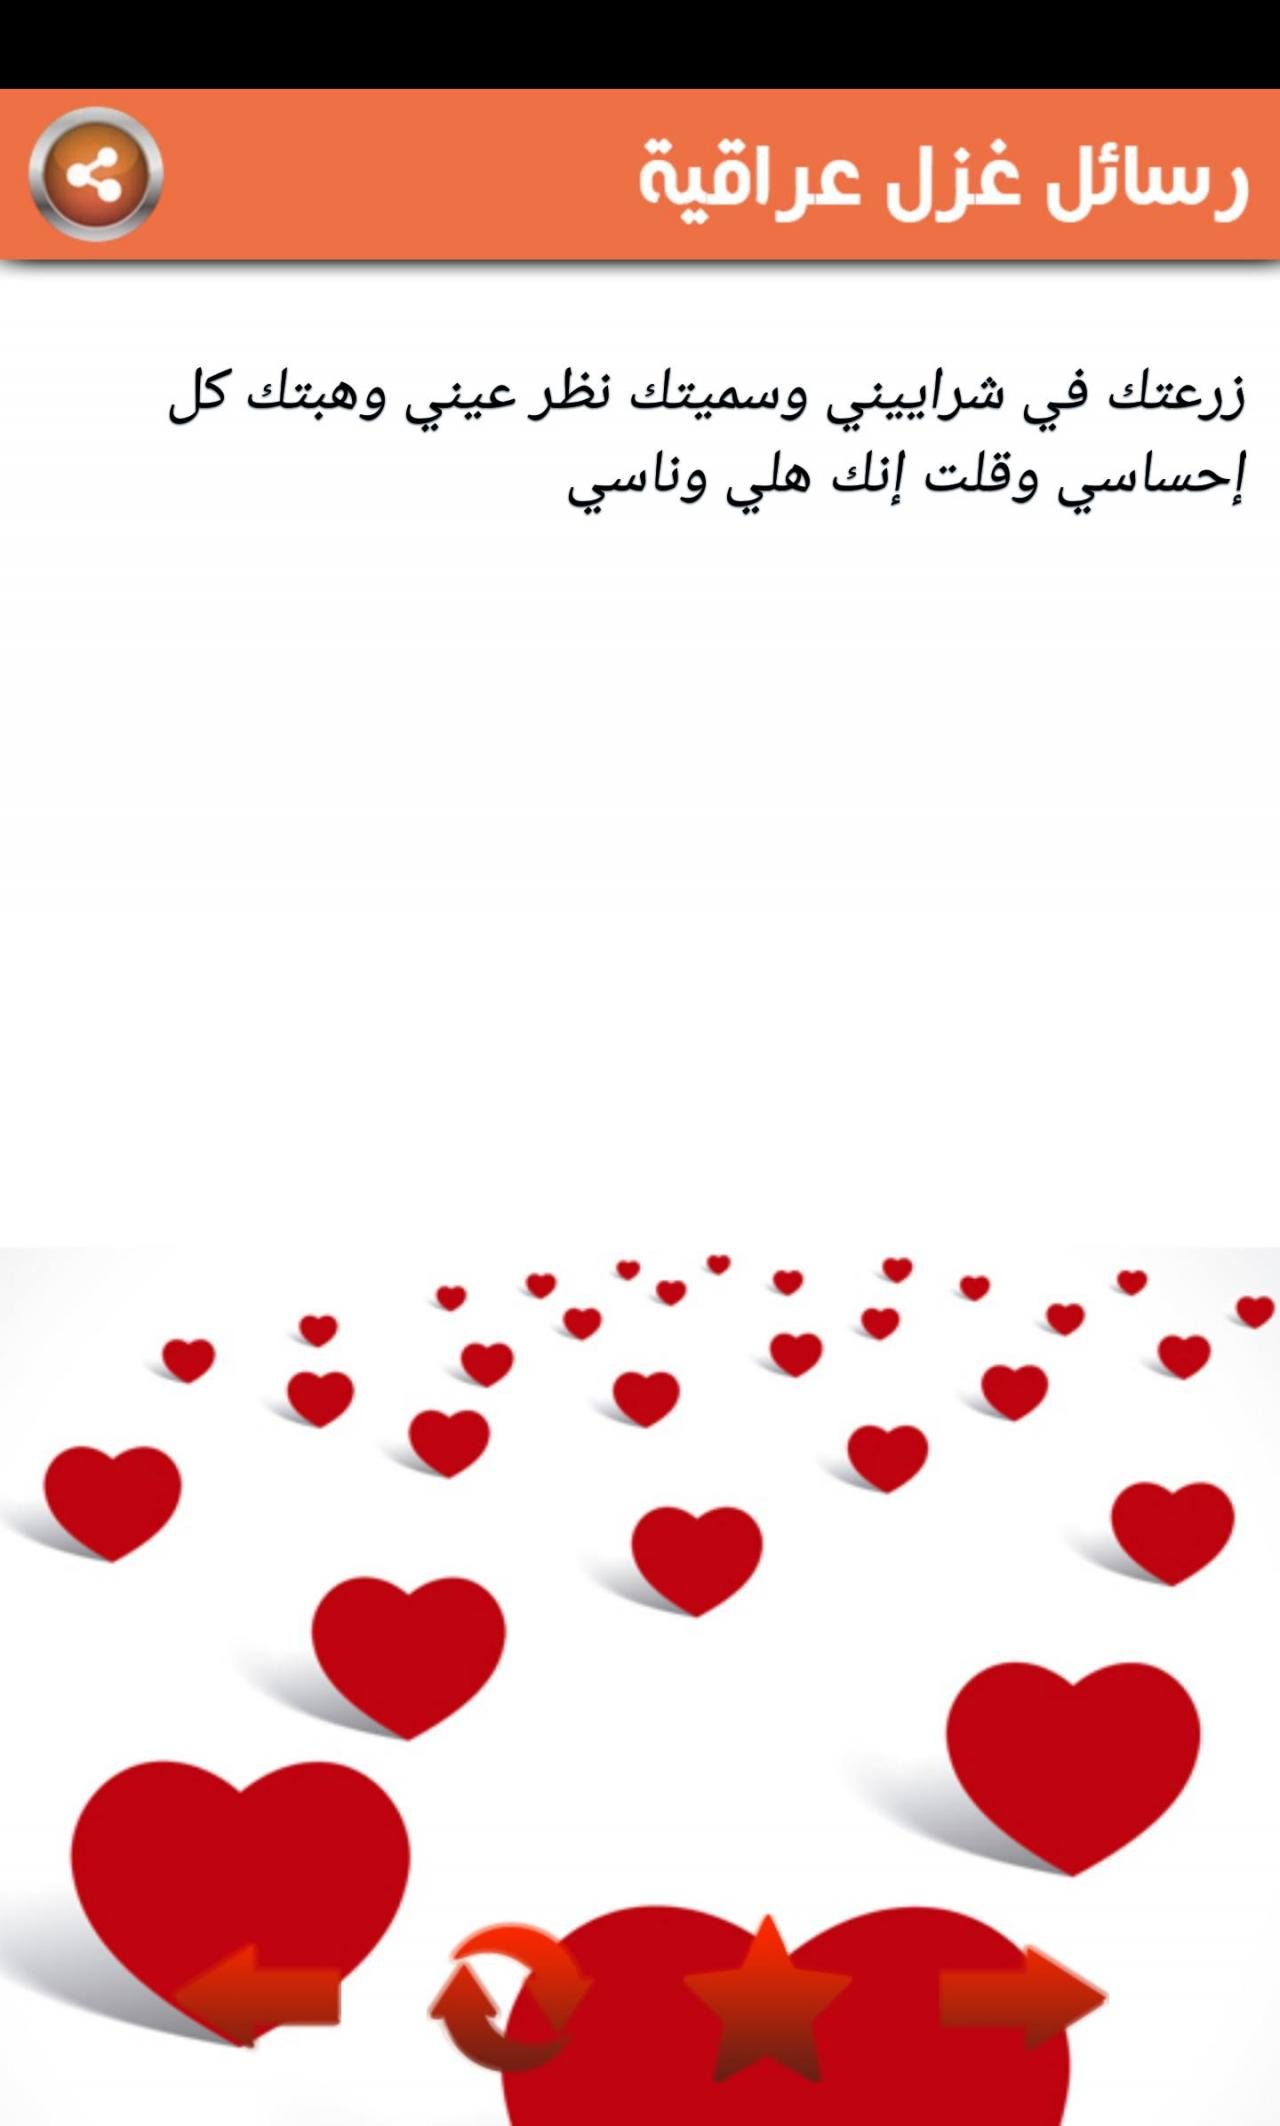 صورة مسجات حب عراقية قوية , احبك تختصر الكثير من الرسائل الغرامية